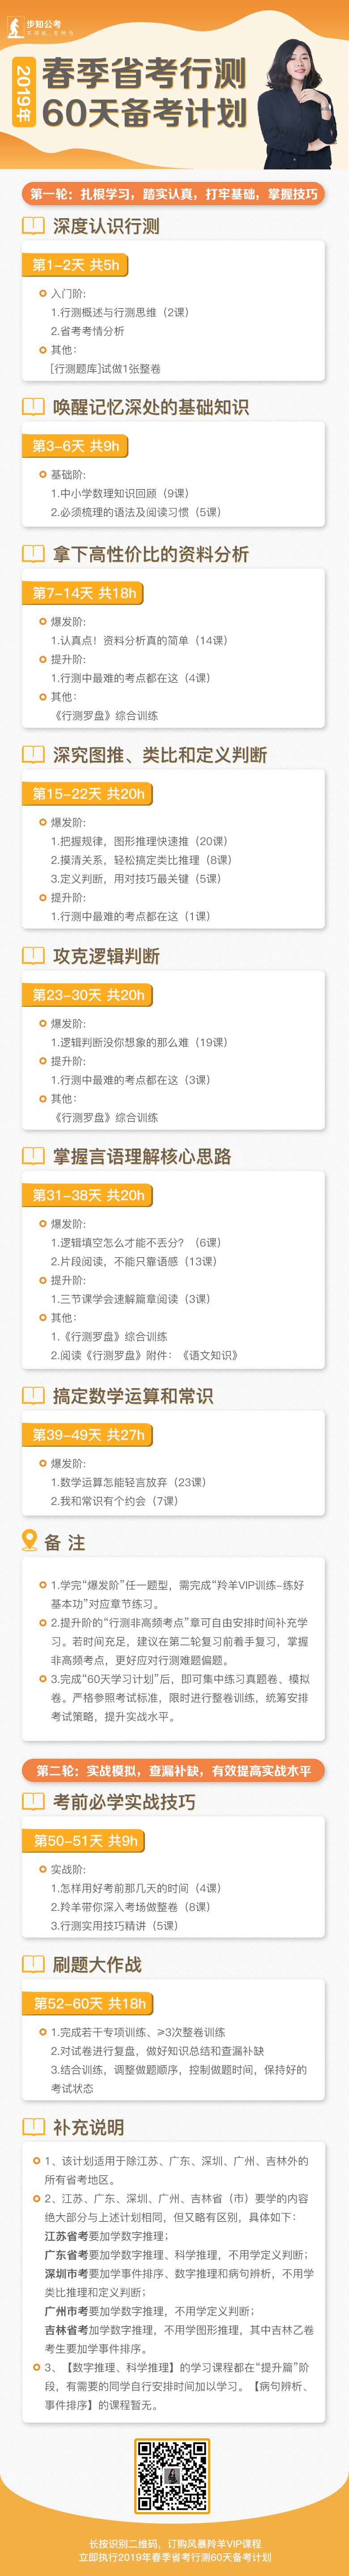 春季省考行测计划3.png